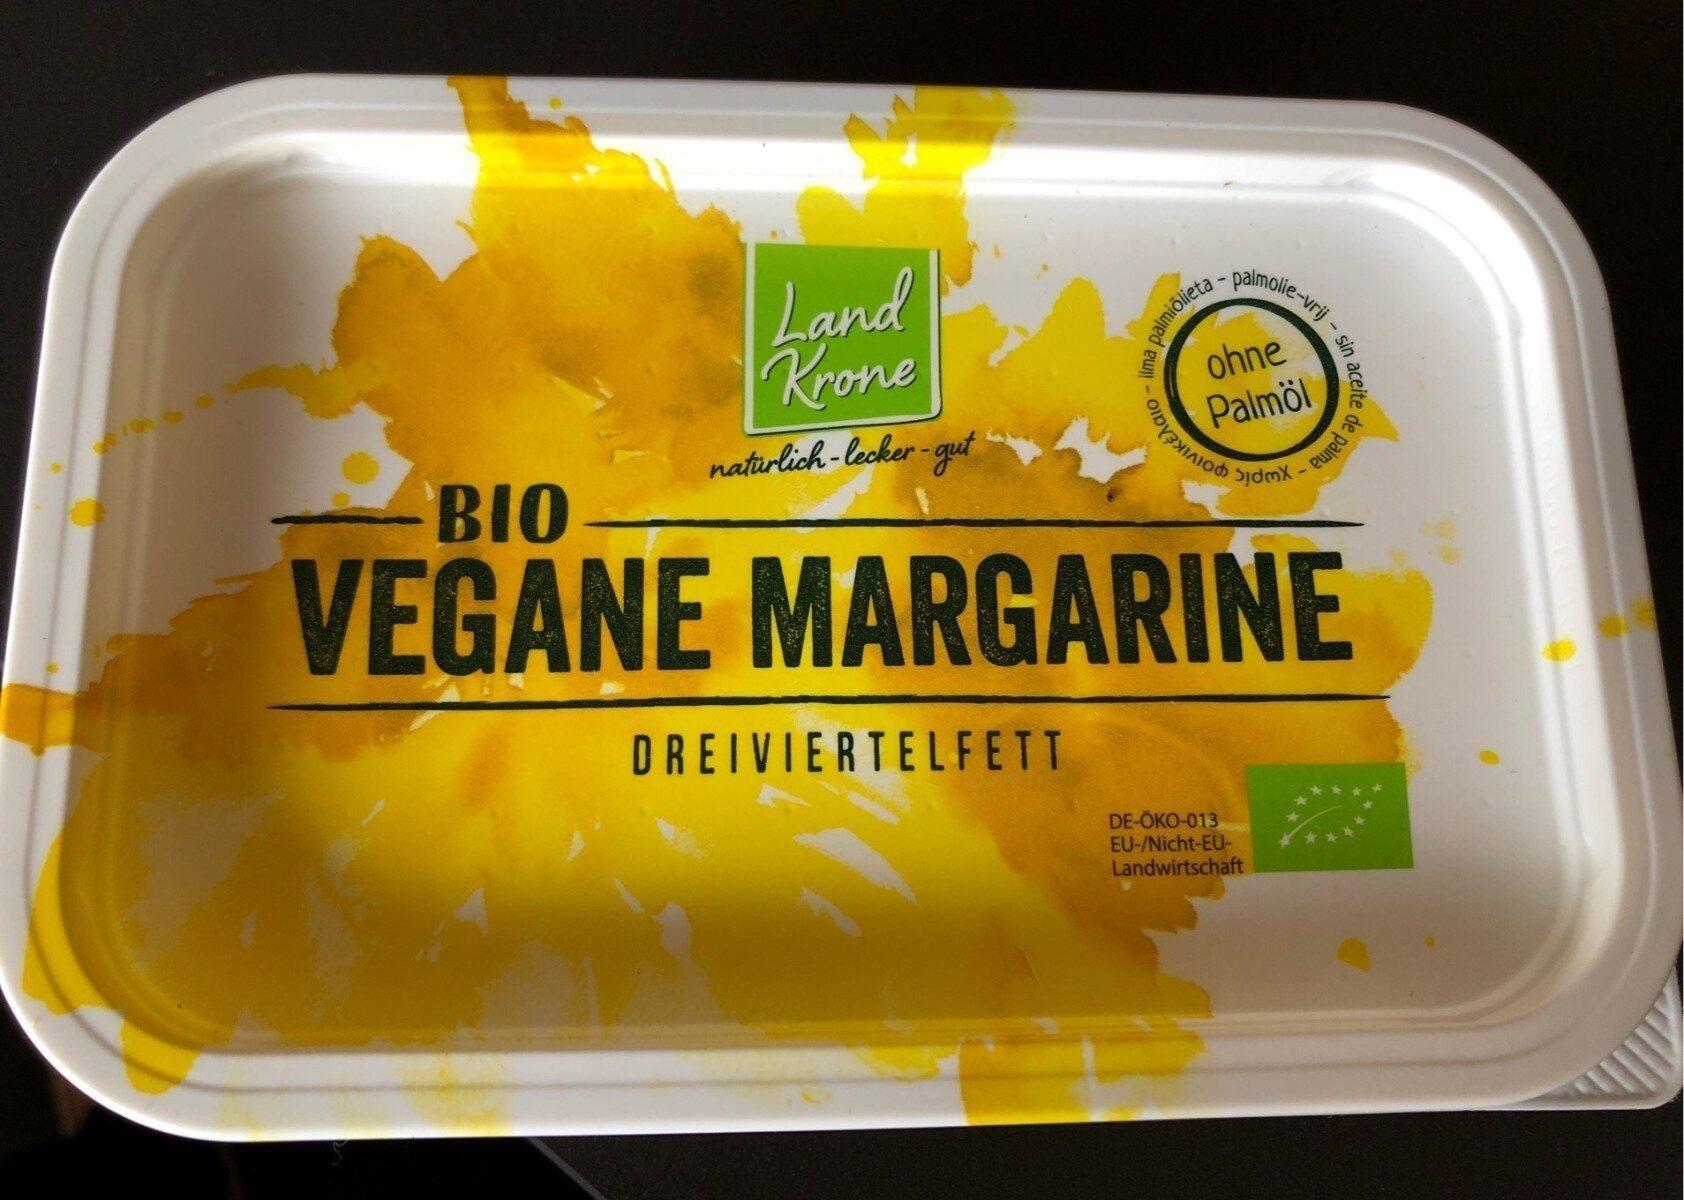 Bio vegane margarine - Product - es